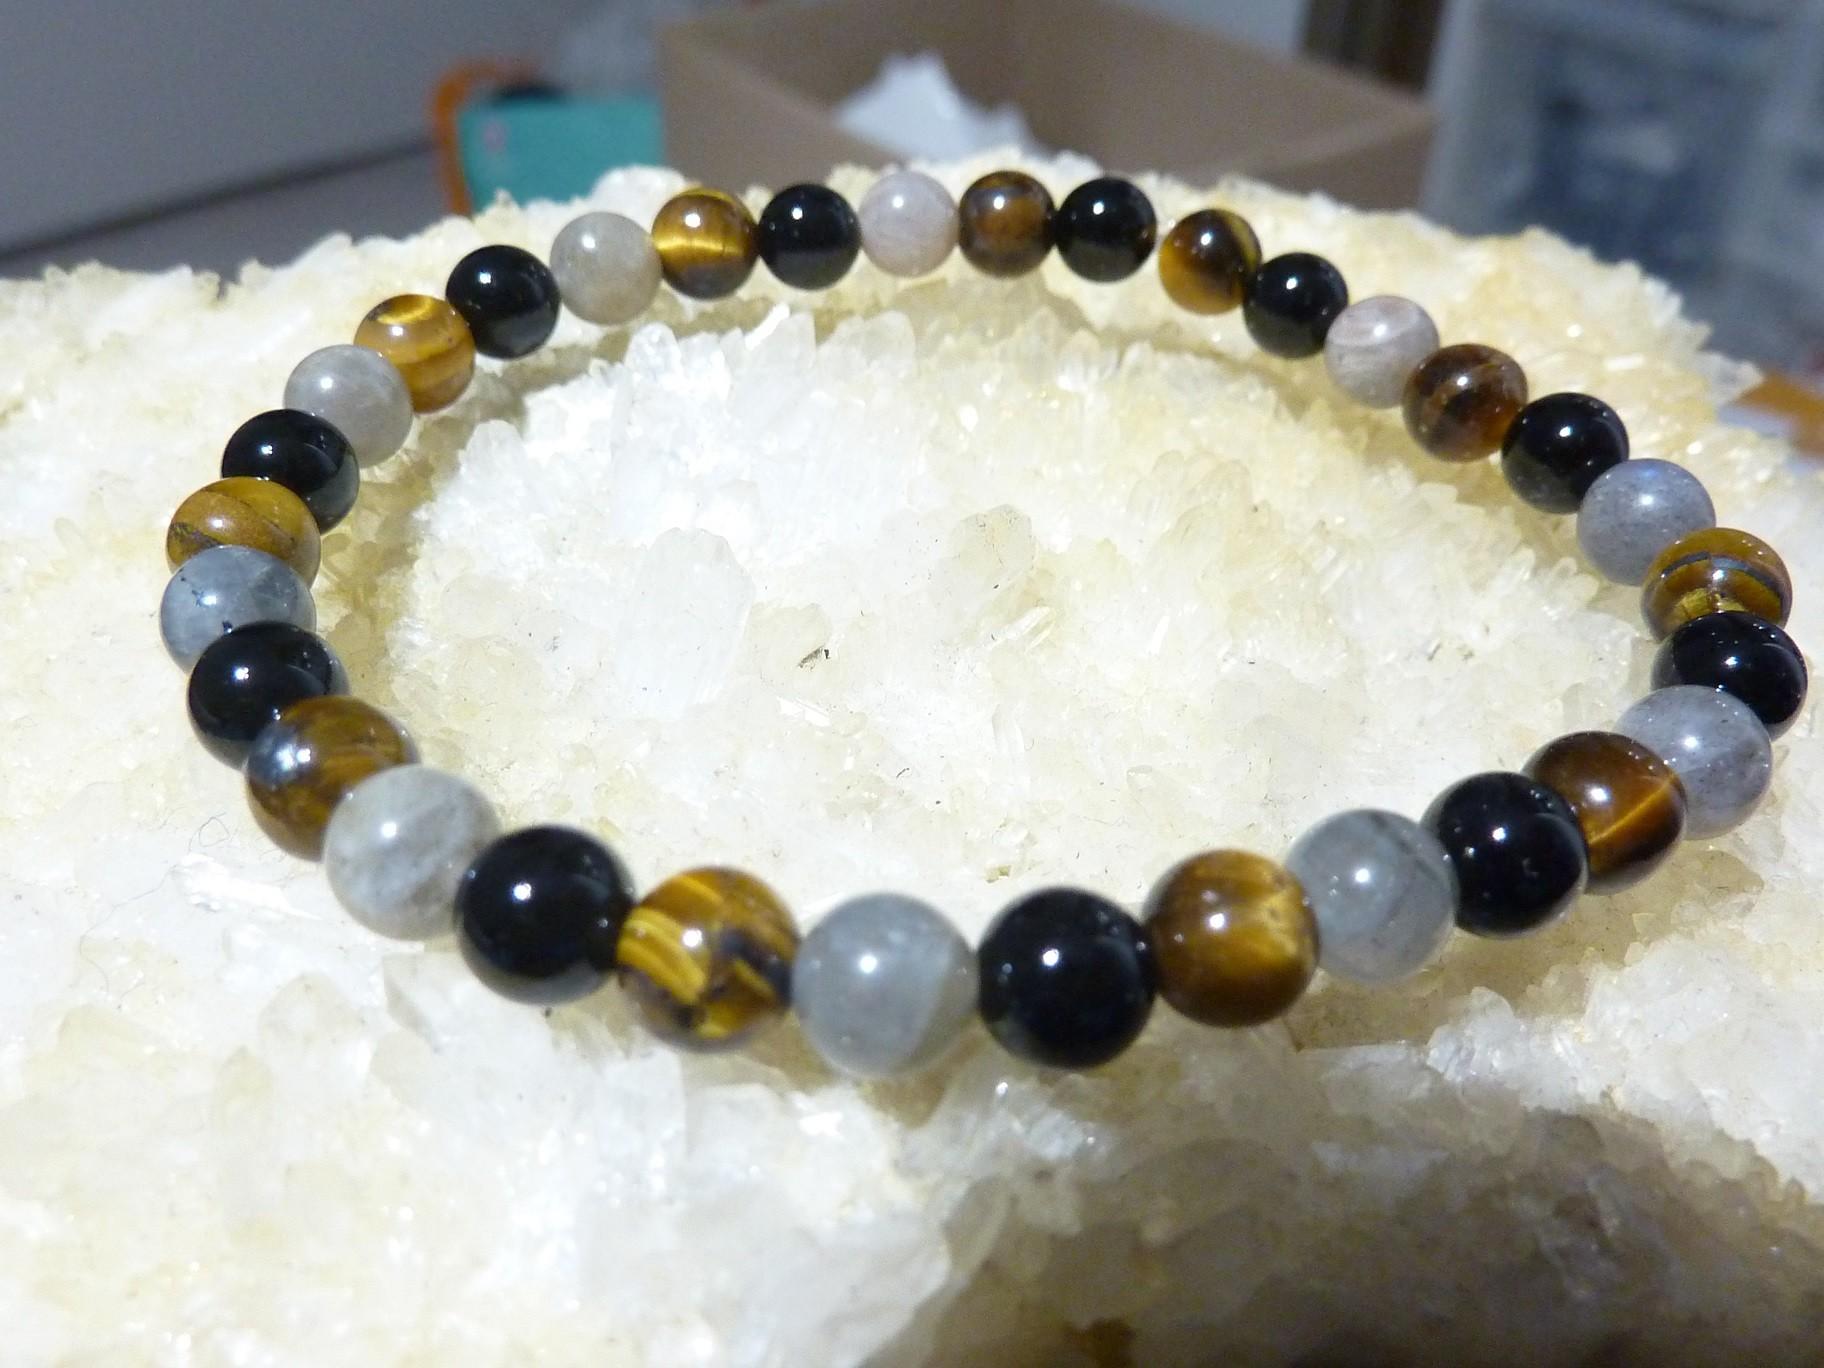 Perles en pierre naturelle pierre Tourmaline noire perles rondes pour la